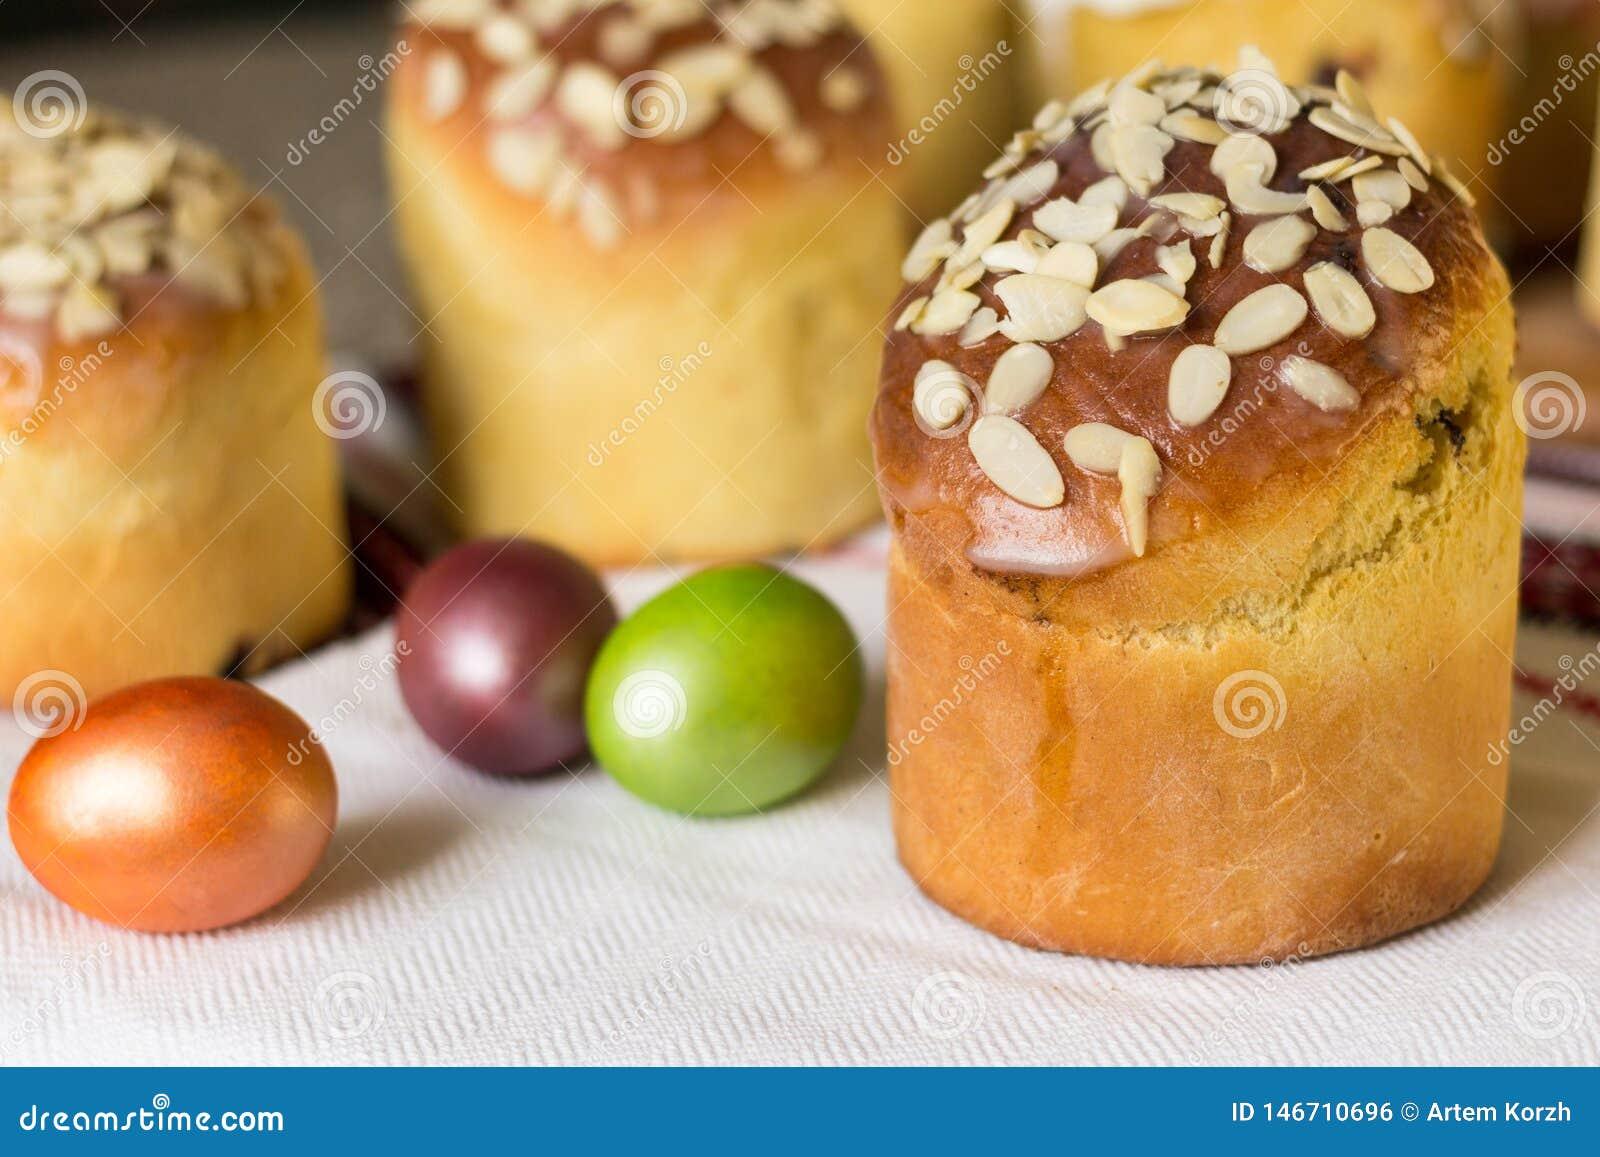 S?odki Easter torta kulich nakrywaj?cy z migda?owymi p?atkami z barwionymi jajkami Selekcyjna ostro??